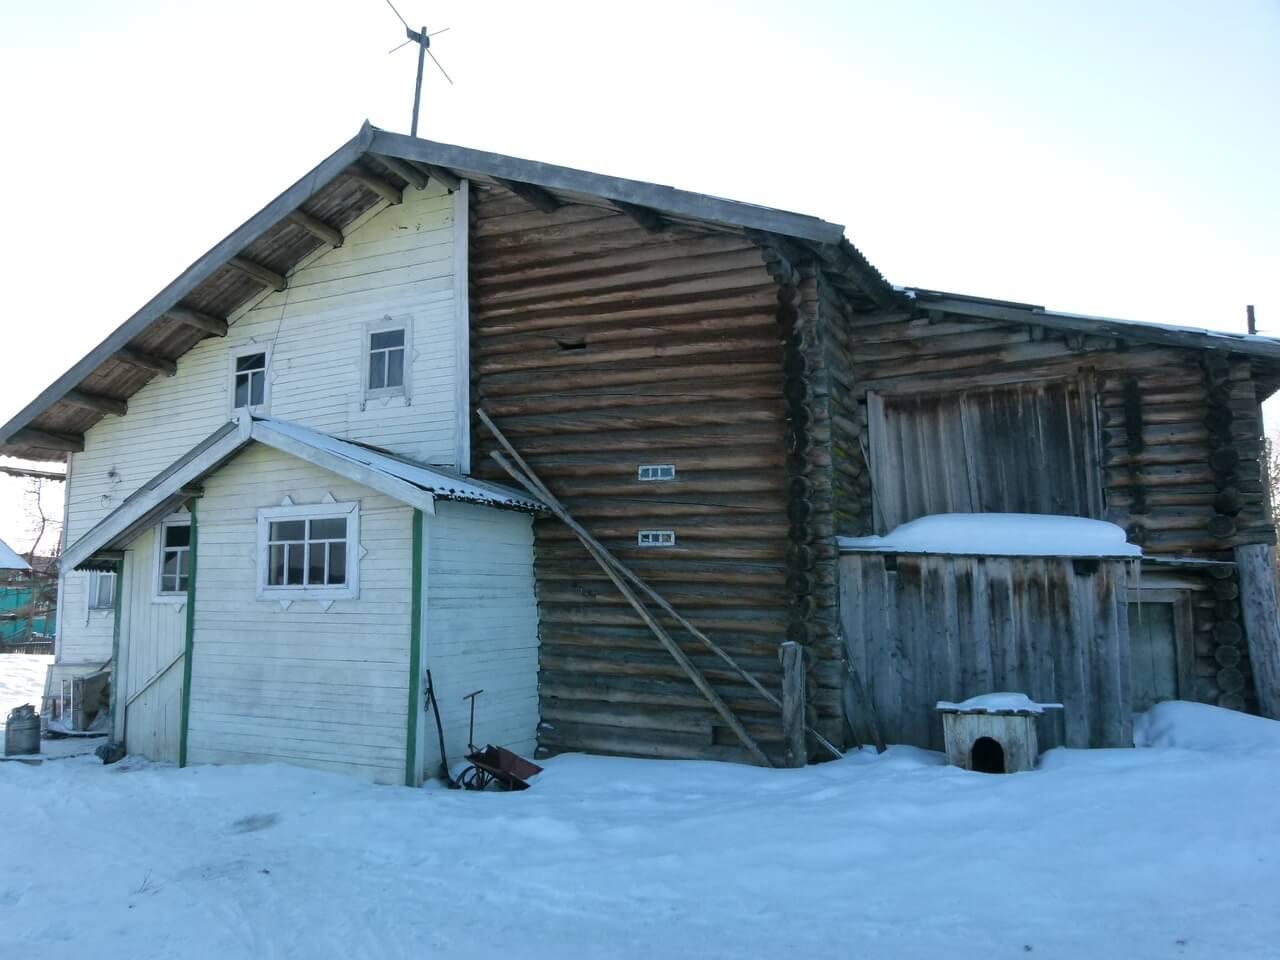 дом Филиппова в Мошъюге, Республика Коми